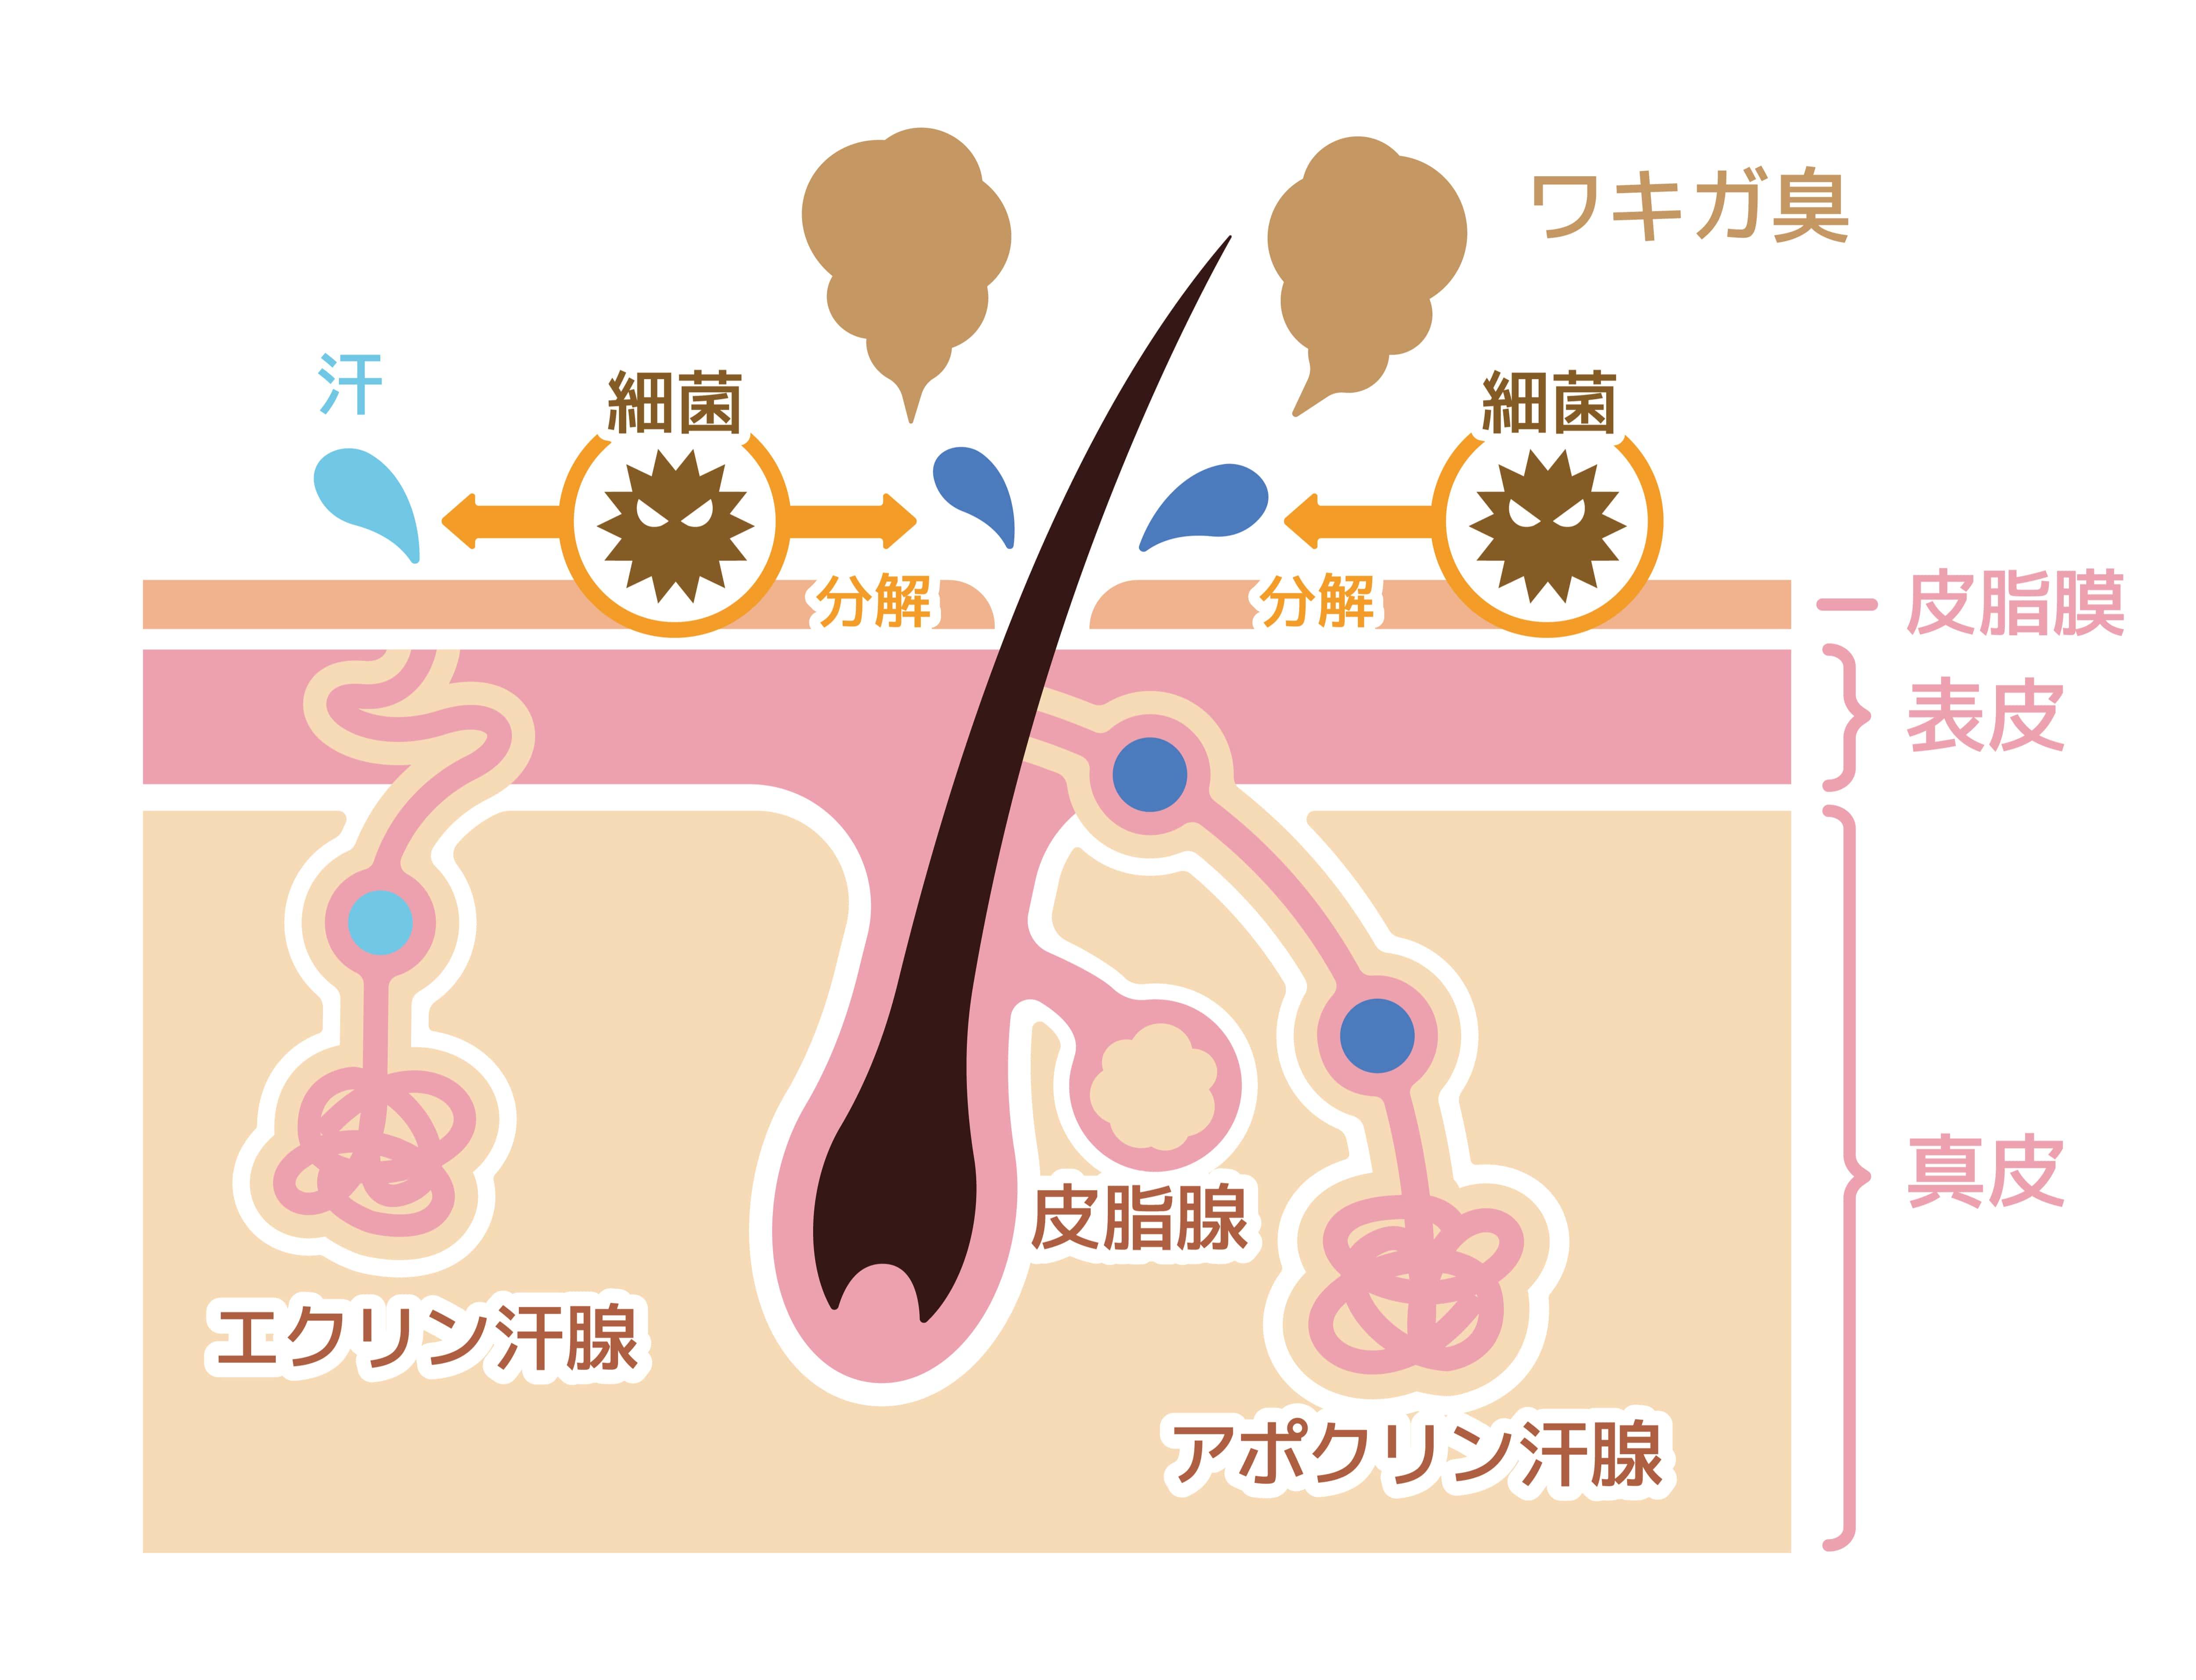 アポクリン腺を解説する図